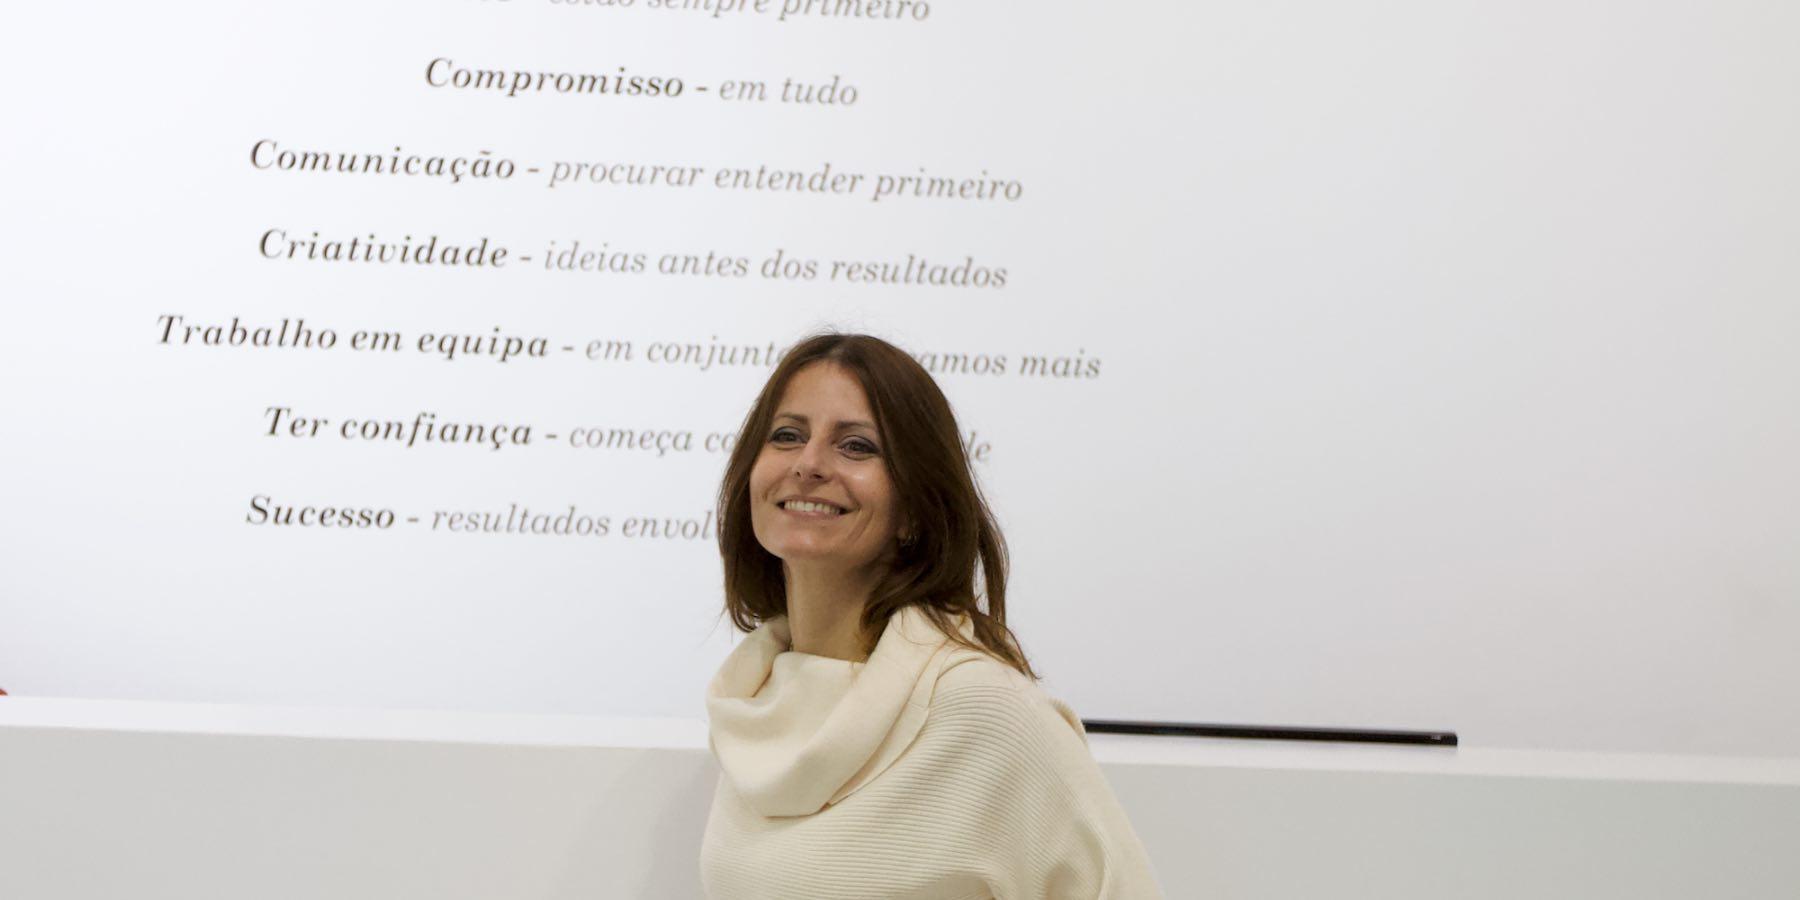 Suzana Gil Correia